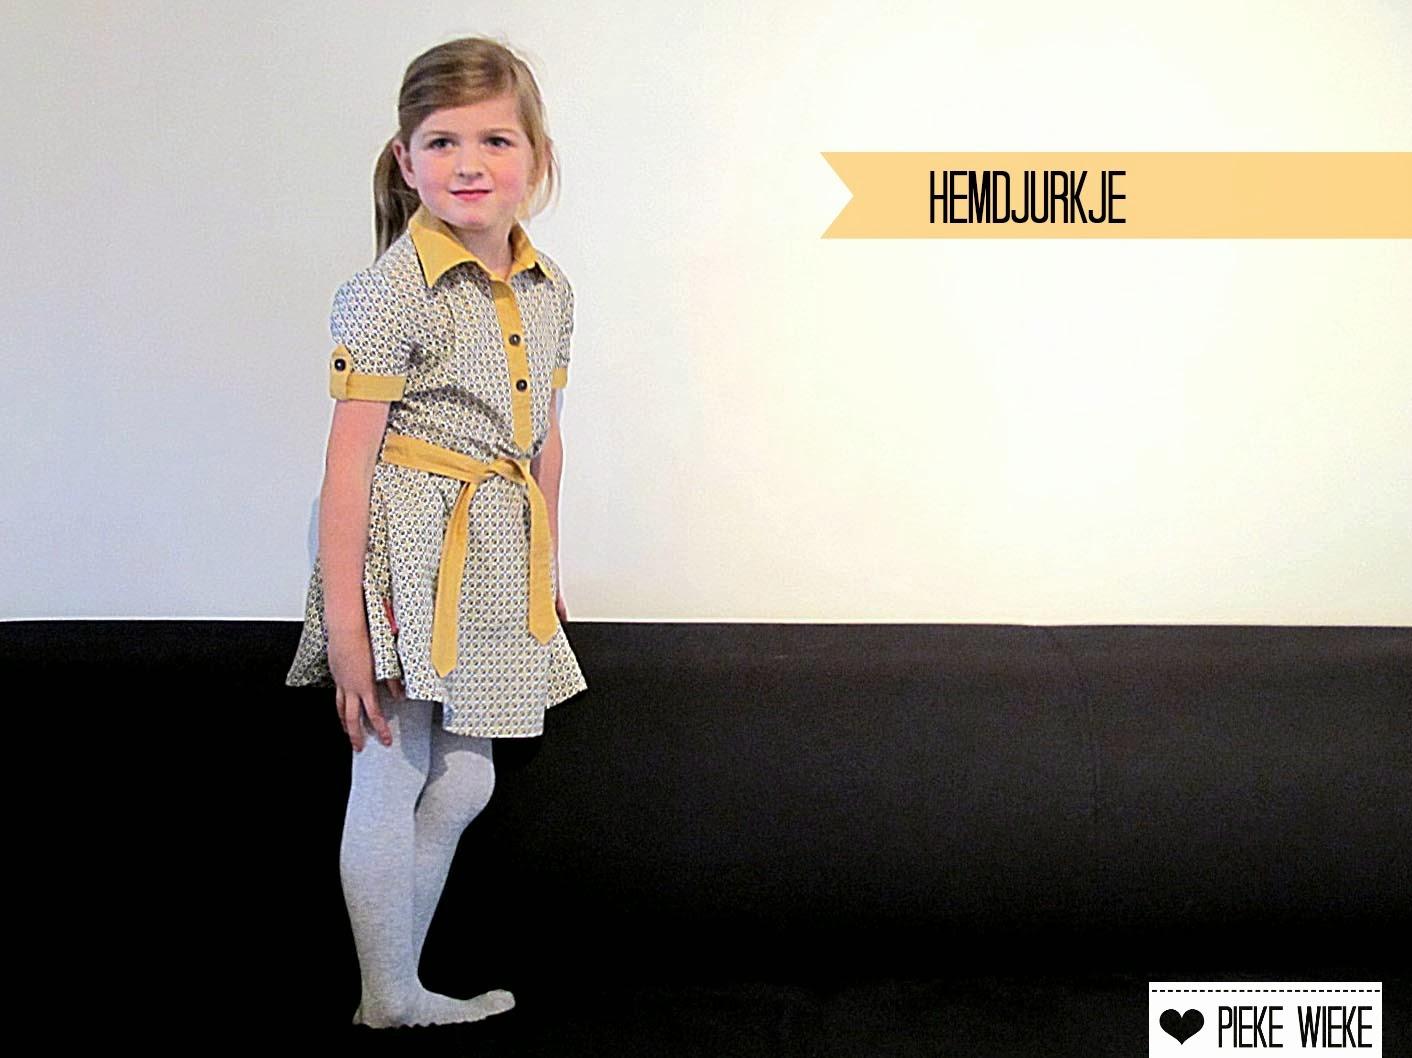 Pieke Wieke: Hemdjurkje